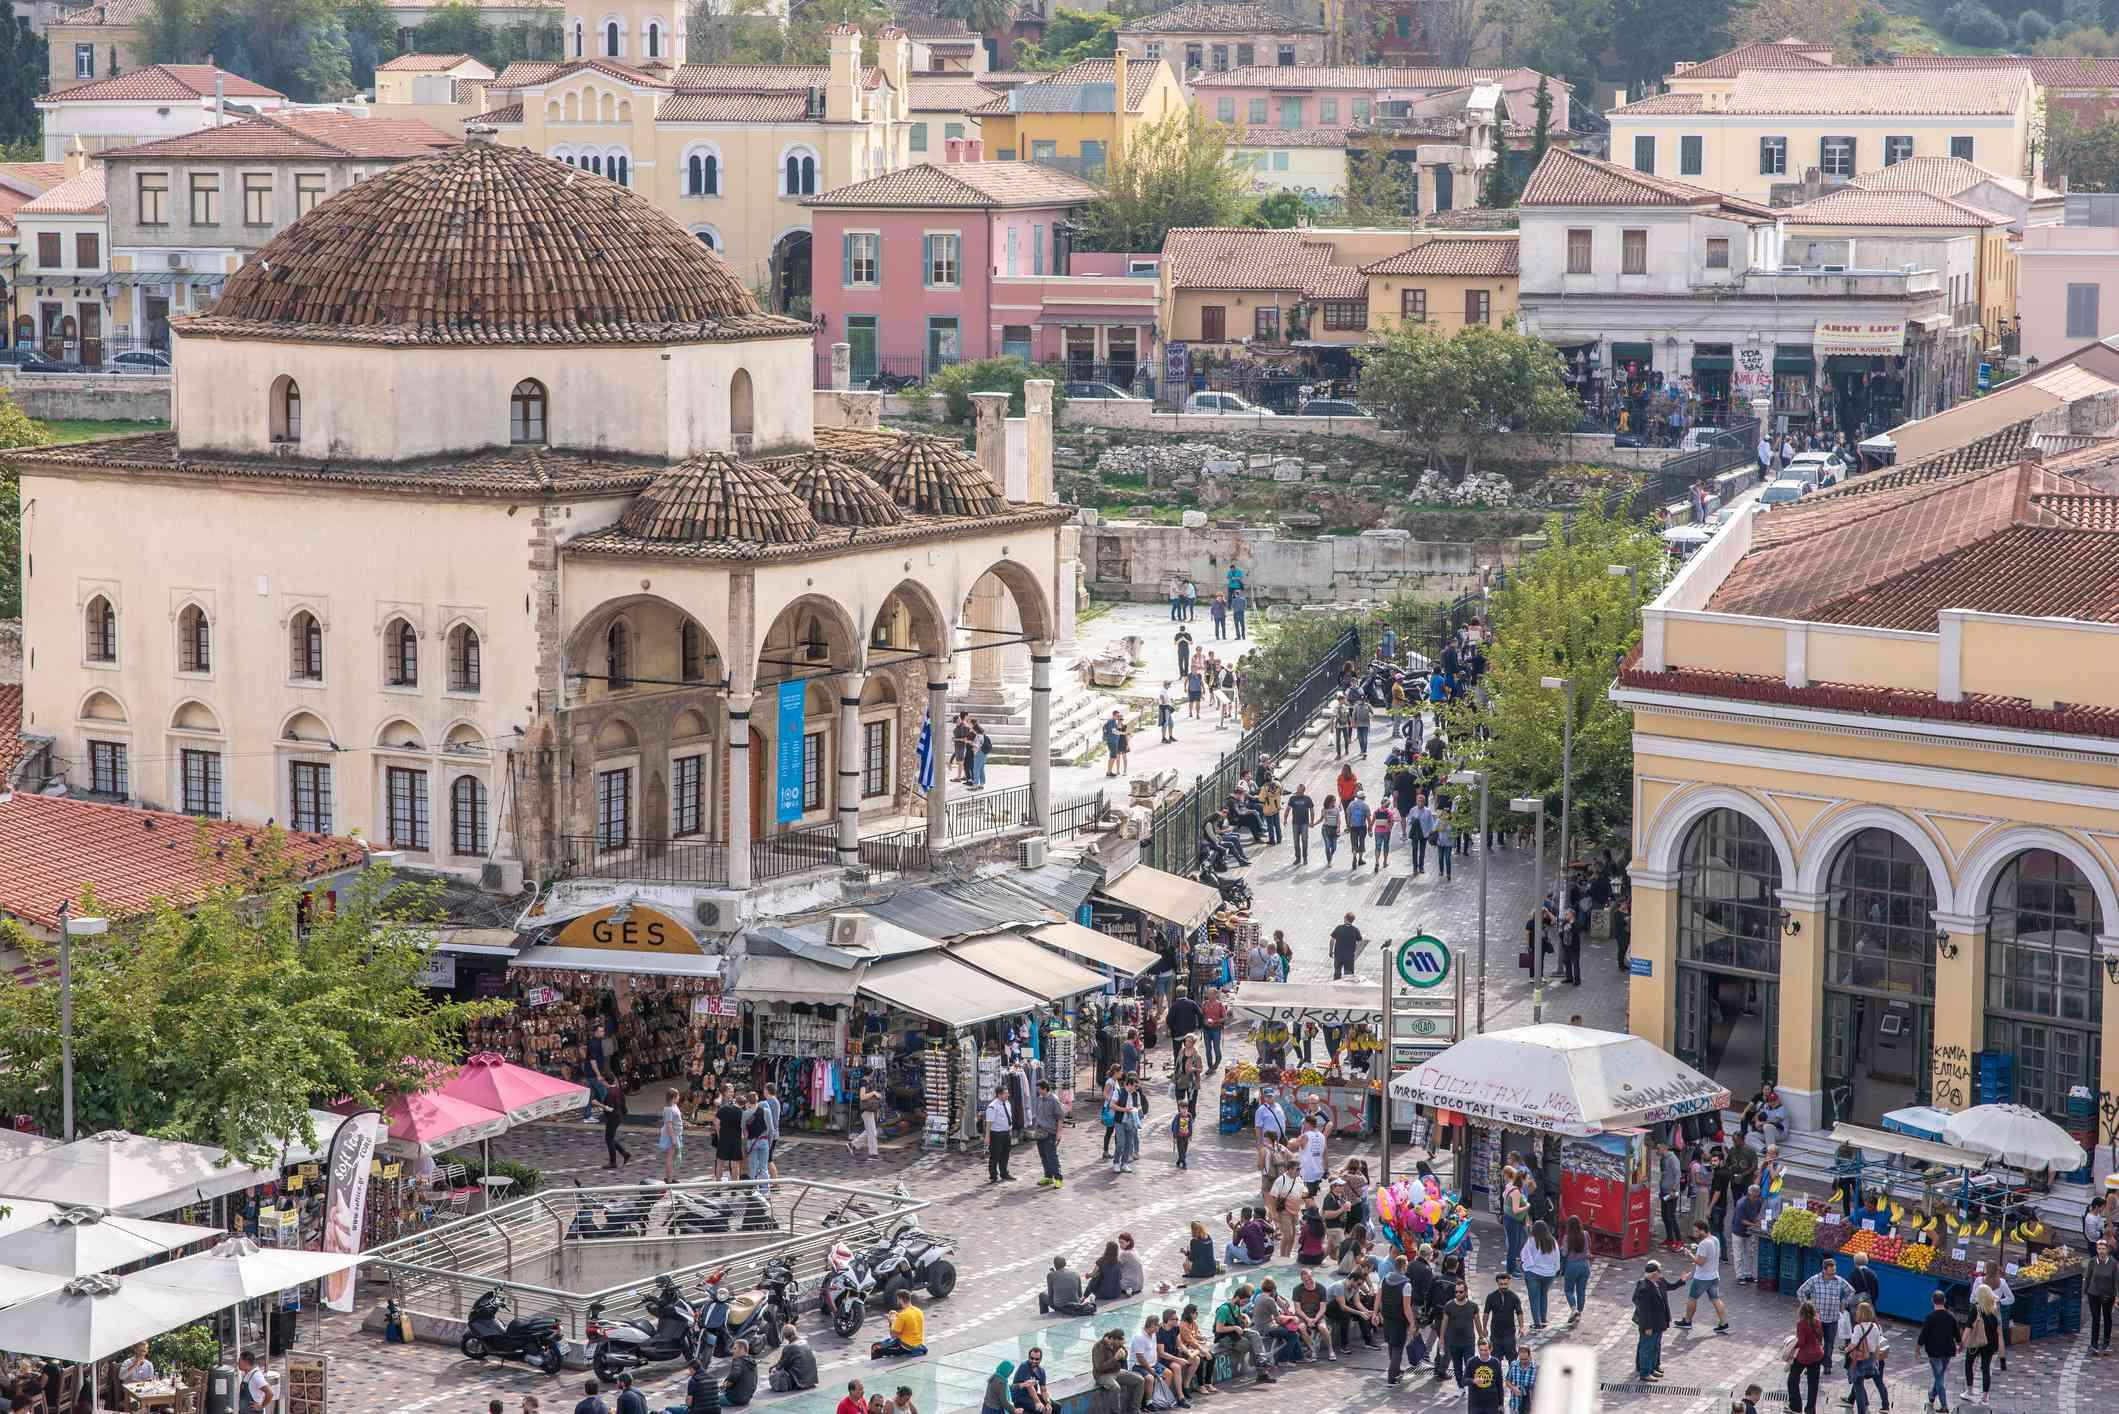 Vista aérea de la Plaza Monastiraki en Atenas, Grecia